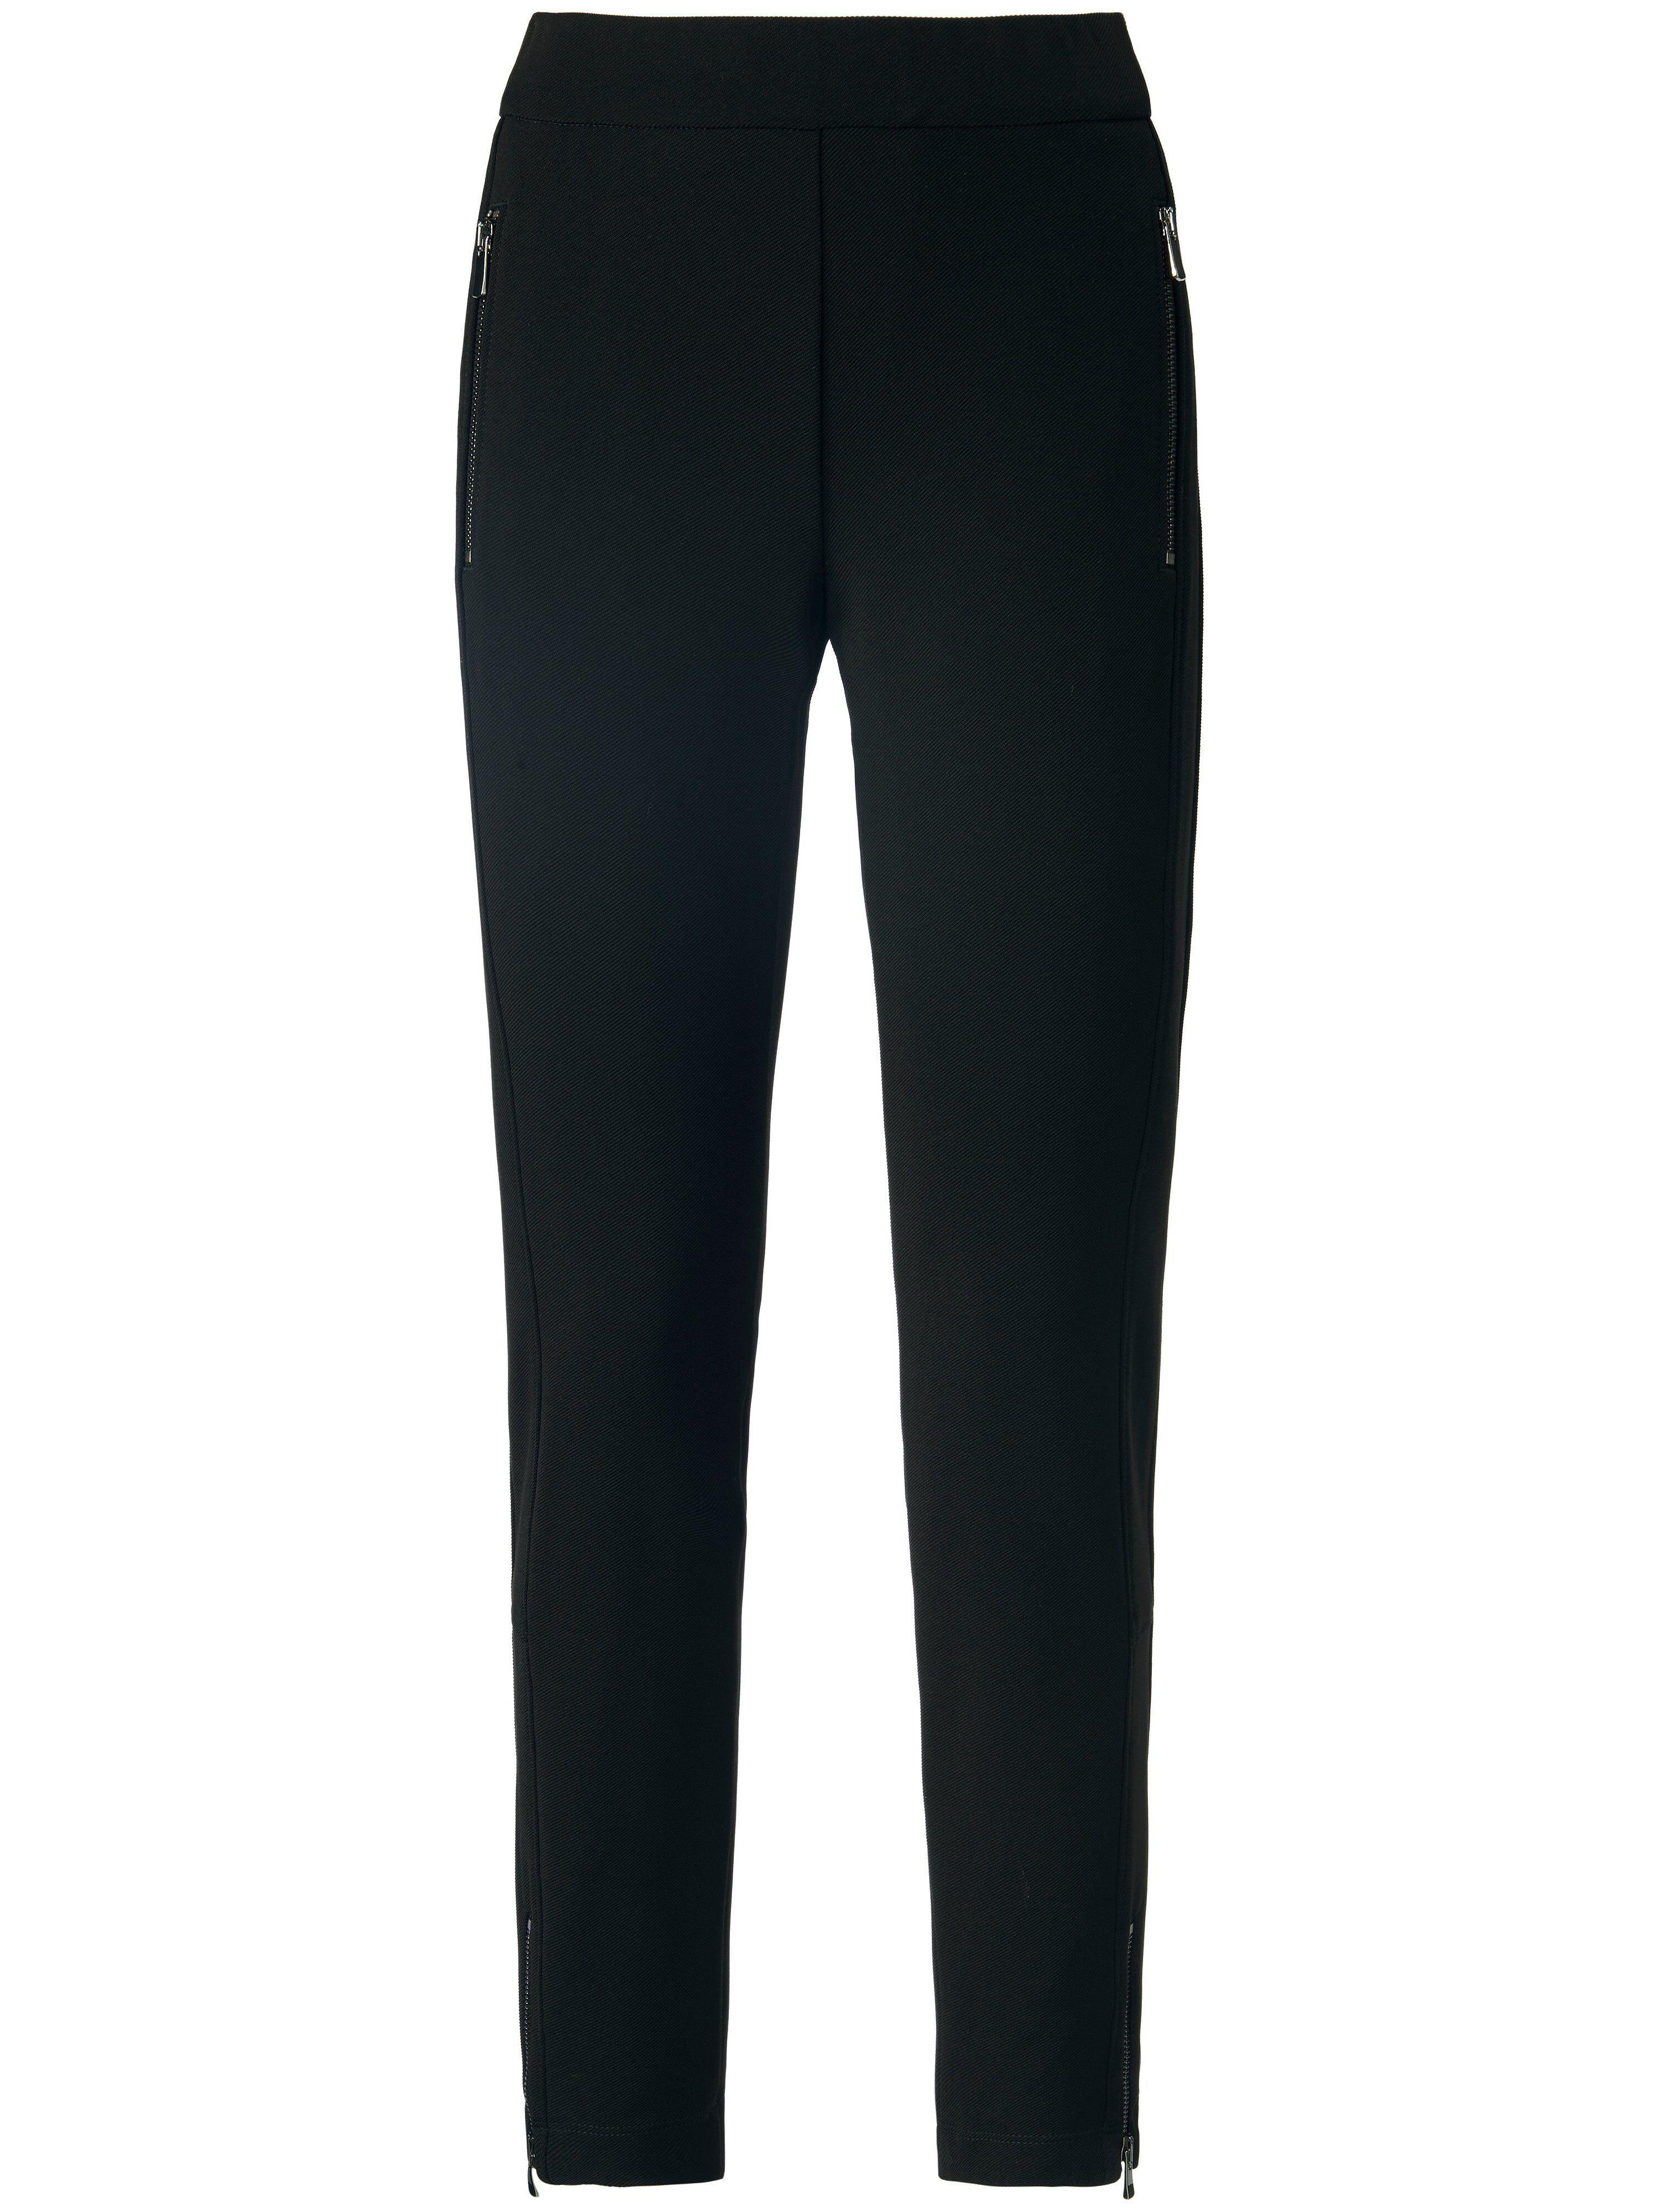 gardeur Le pantalon longueur chevilles ligne ultra slim  gardeur noir  - Femme - 38